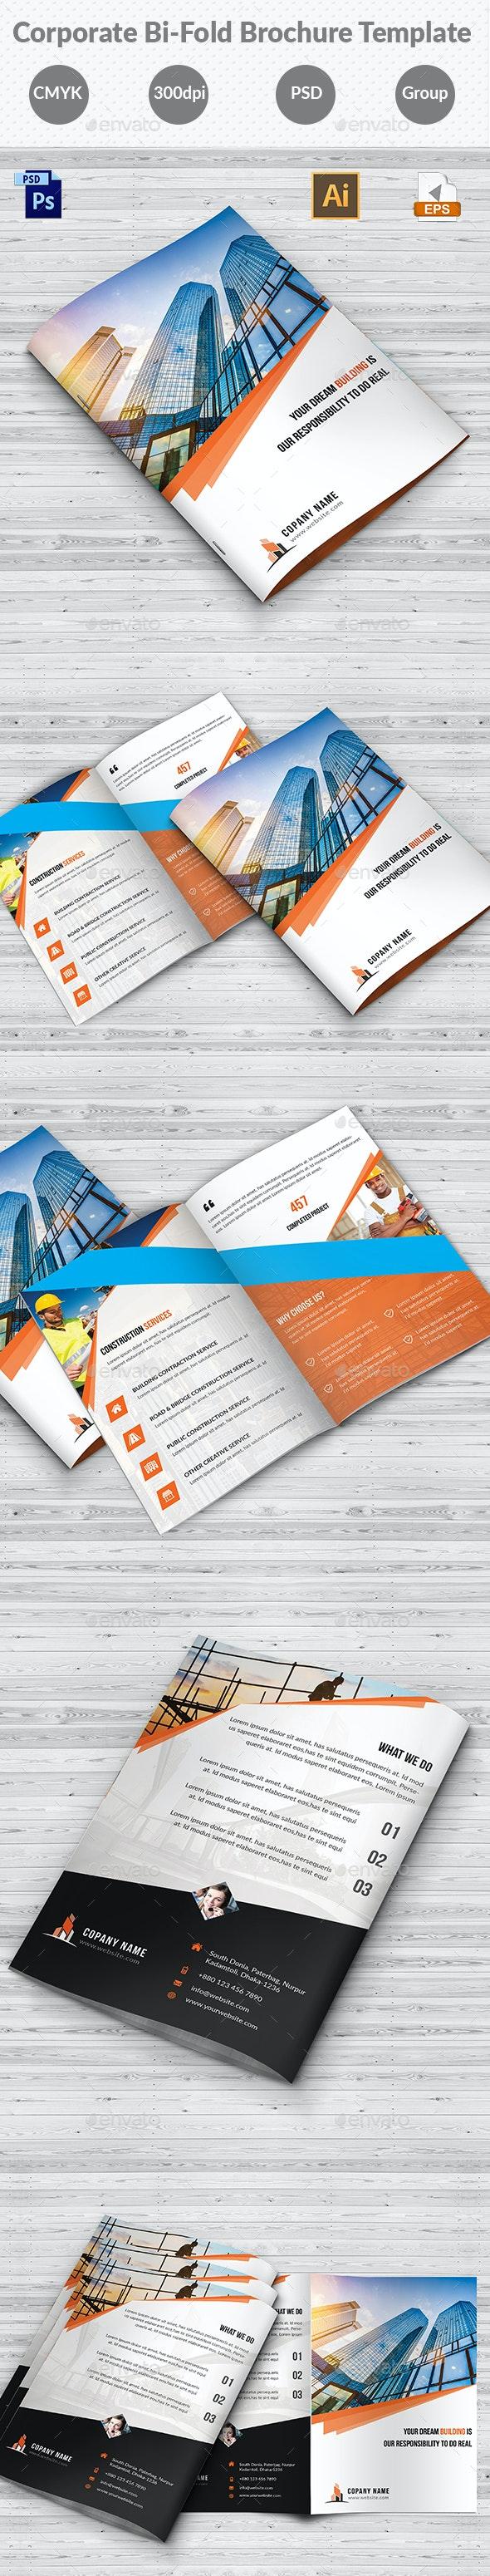 Construction Bi-Fold Brochure Template - Corporate Brochures